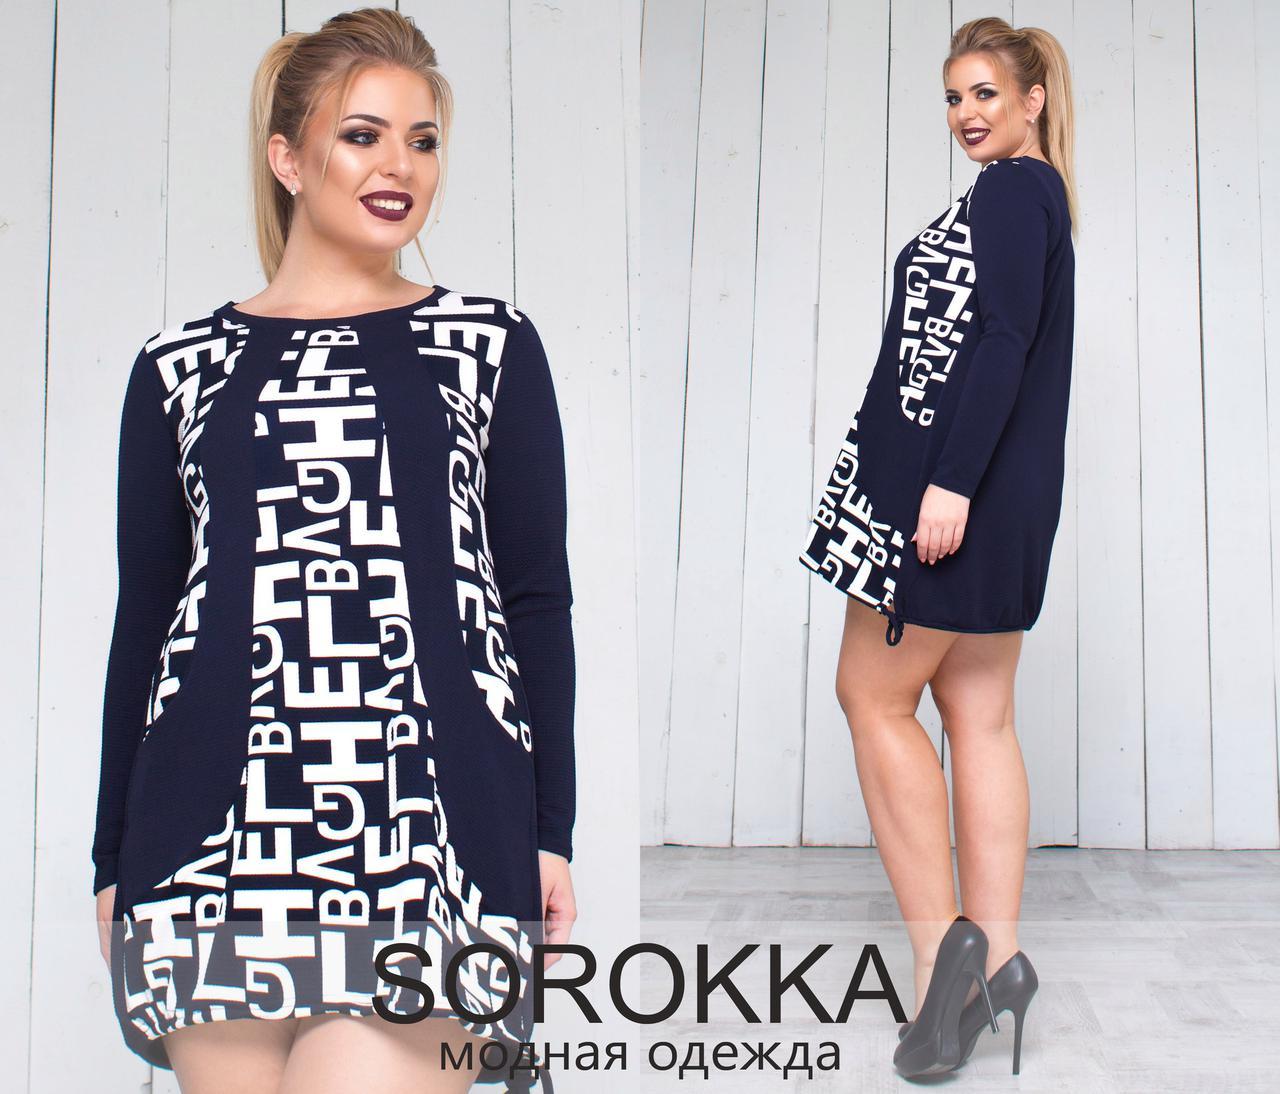 47a94e1c93b Платье туника для женщин с пышными формами с 50 по 64 размер - Интернет- магазин